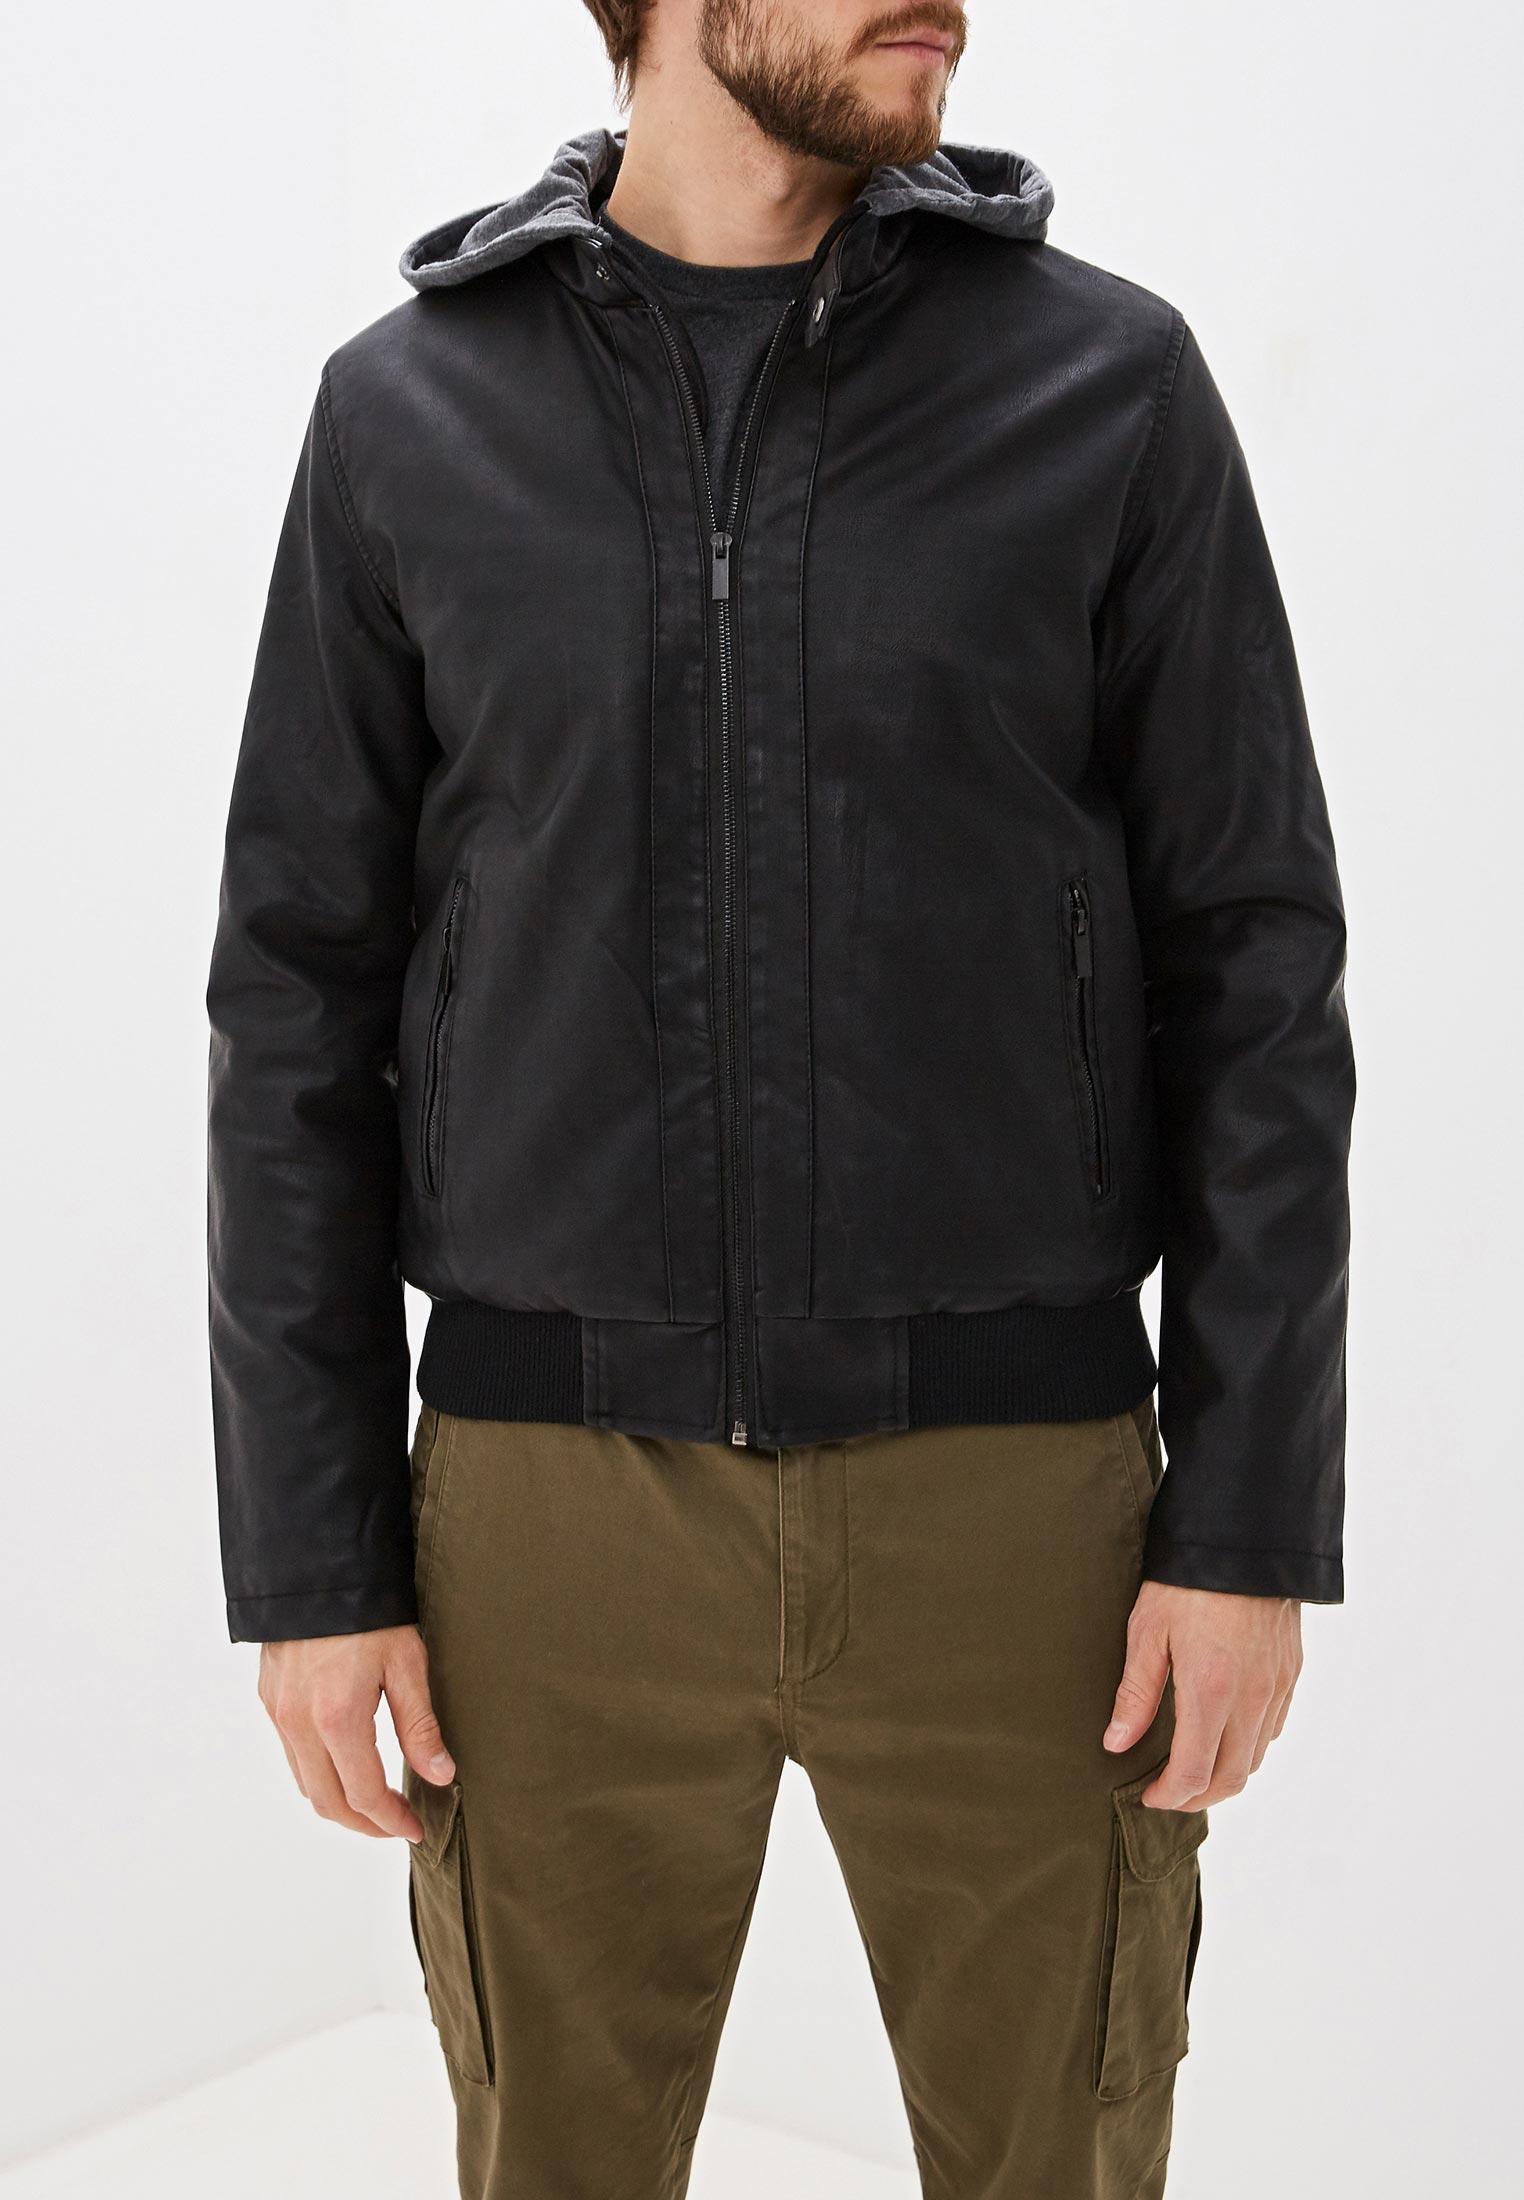 Куртка кожаная, B.Men, цвет: черный. Артикул: BM001EMGTVY2. Одежда / Верхняя одежда / Кожаные куртки